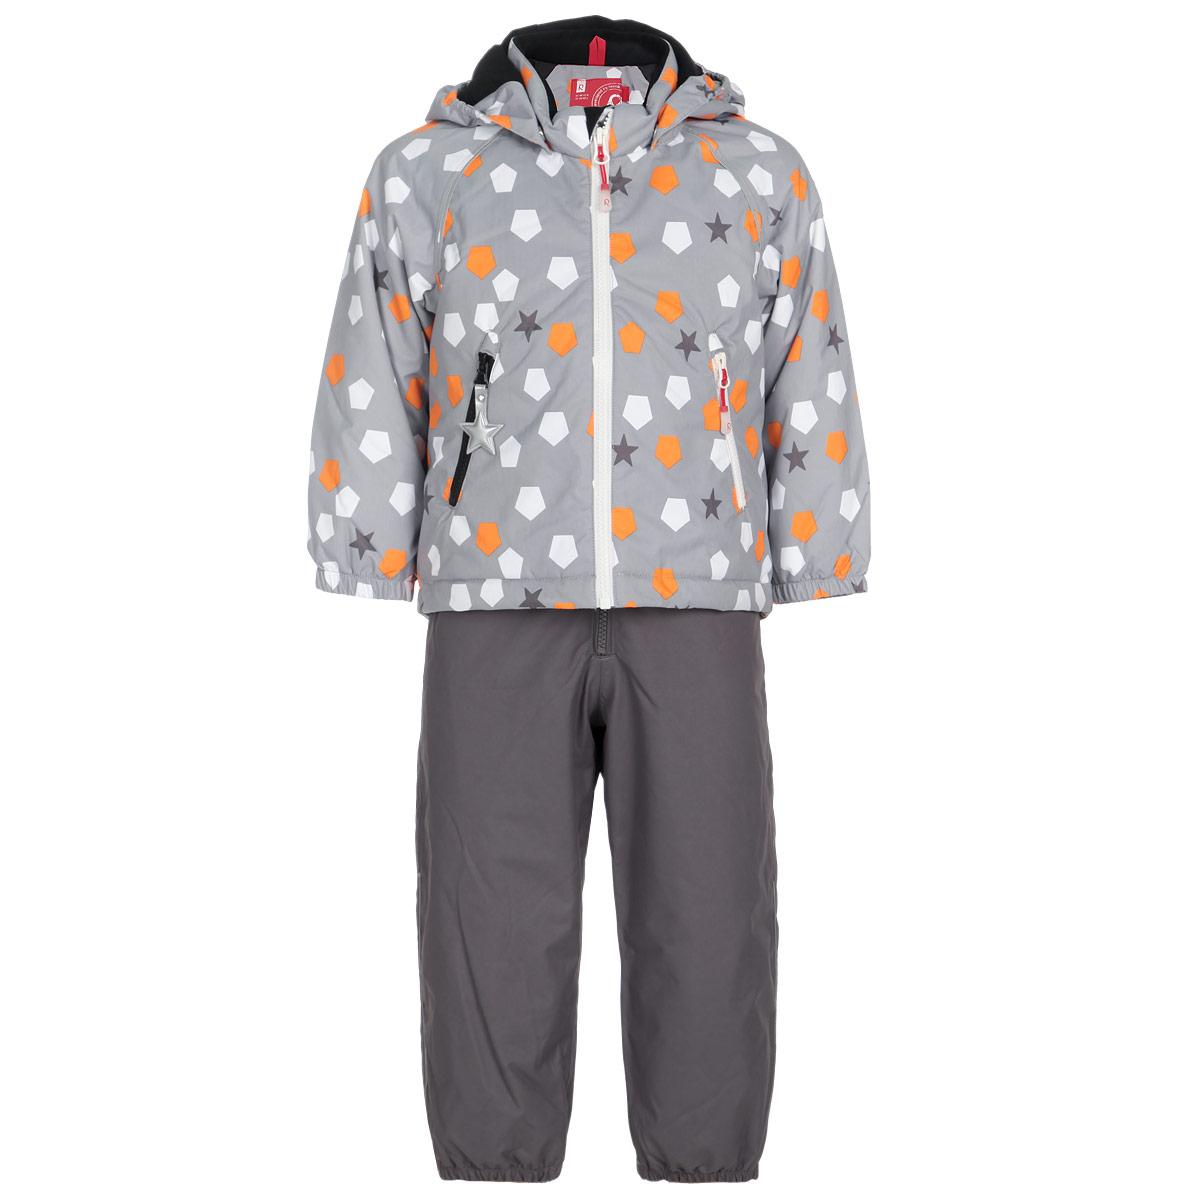 Комплект детский Kiddo Konane: куртка, полукомбинезон. 513078513078-6512Стильный детский комплект Reima Kiddo Konane, состоящий из куртки и полукомбинезона, идеально подойдет для ребенка в прохладную погоду. Комплект изготовлен из водоотталкивающей и ветрозащитной мембранной ткани. Материал отличается высокой устойчивостью к трению, благодаря специальной обработке полиуретаном поверхность изделий отталкивает грязь и воду, что облегчает поддержание аккуратного вида одежды, дышащее покрытие с изнаночной части не раздражает даже самую нежную и чувствительную кожу ребенка, обеспечивая ему наибольший комфорт. Куртка с удлиненной спинкой и капюшоном застегивается на пластиковую застежку-молнию с защитой подбородка, благодаря чему ее легко надевать и снимать, и дополнительно имеет внутреннюю ветрозащитную планку. Капюшон, присборенный по бокам, защитит нежные щечки от ветра, он пристегивается к куртке при помощи кнопок. Края рукавов дополнены эластичными манжетами, которые мягко обхватывают запястья. Мягкая подкладка на воротнике, капюшоне и манжетах...